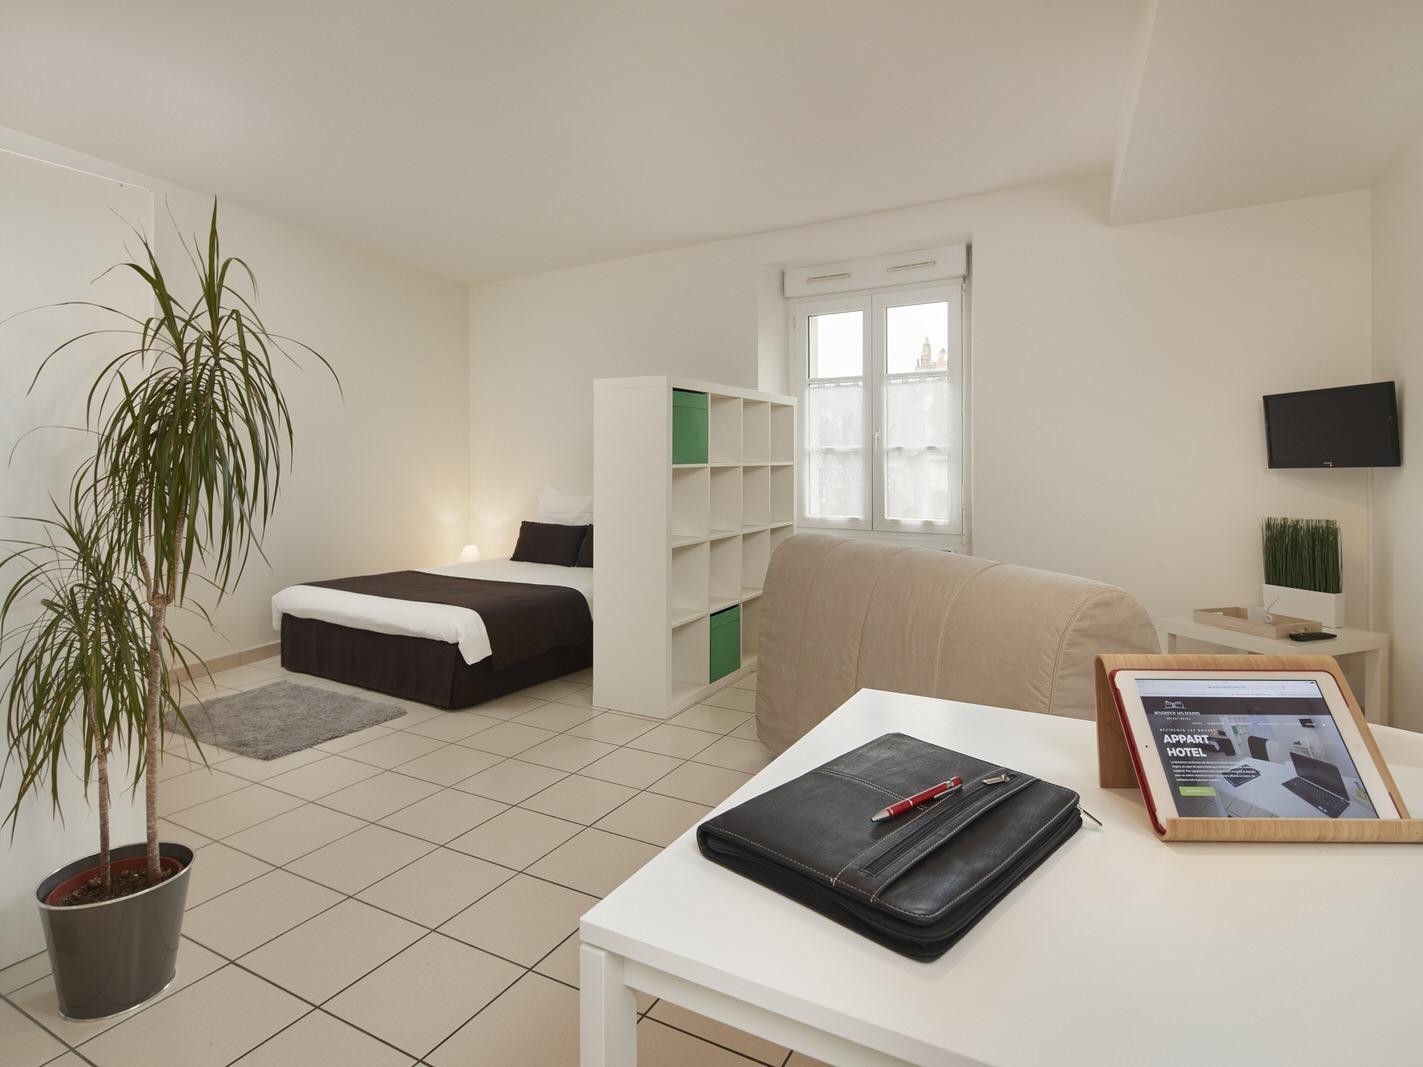 Studio-Vue sur Jardin-Douche - Tarif de base